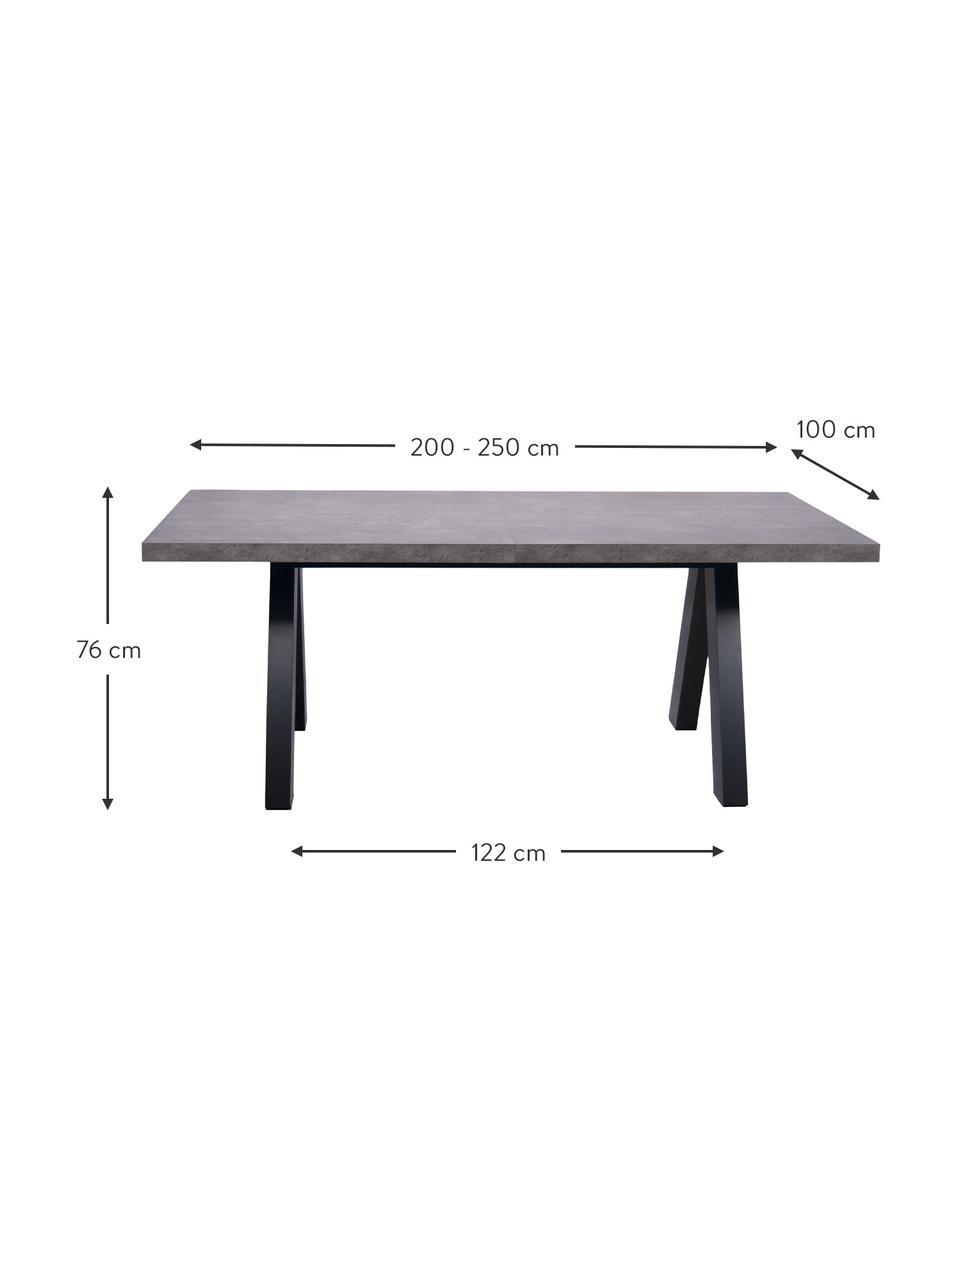 Verlängerbarer Esstisch Apex in Betonoptik, 200 - 250 x 100 cm, Tischplatte: Leichtbau-Wabenstruktur, , Beine: Mitteldichte Holzfaserpla, Beton-Optik, B 200 bis 250 x T 100 cm